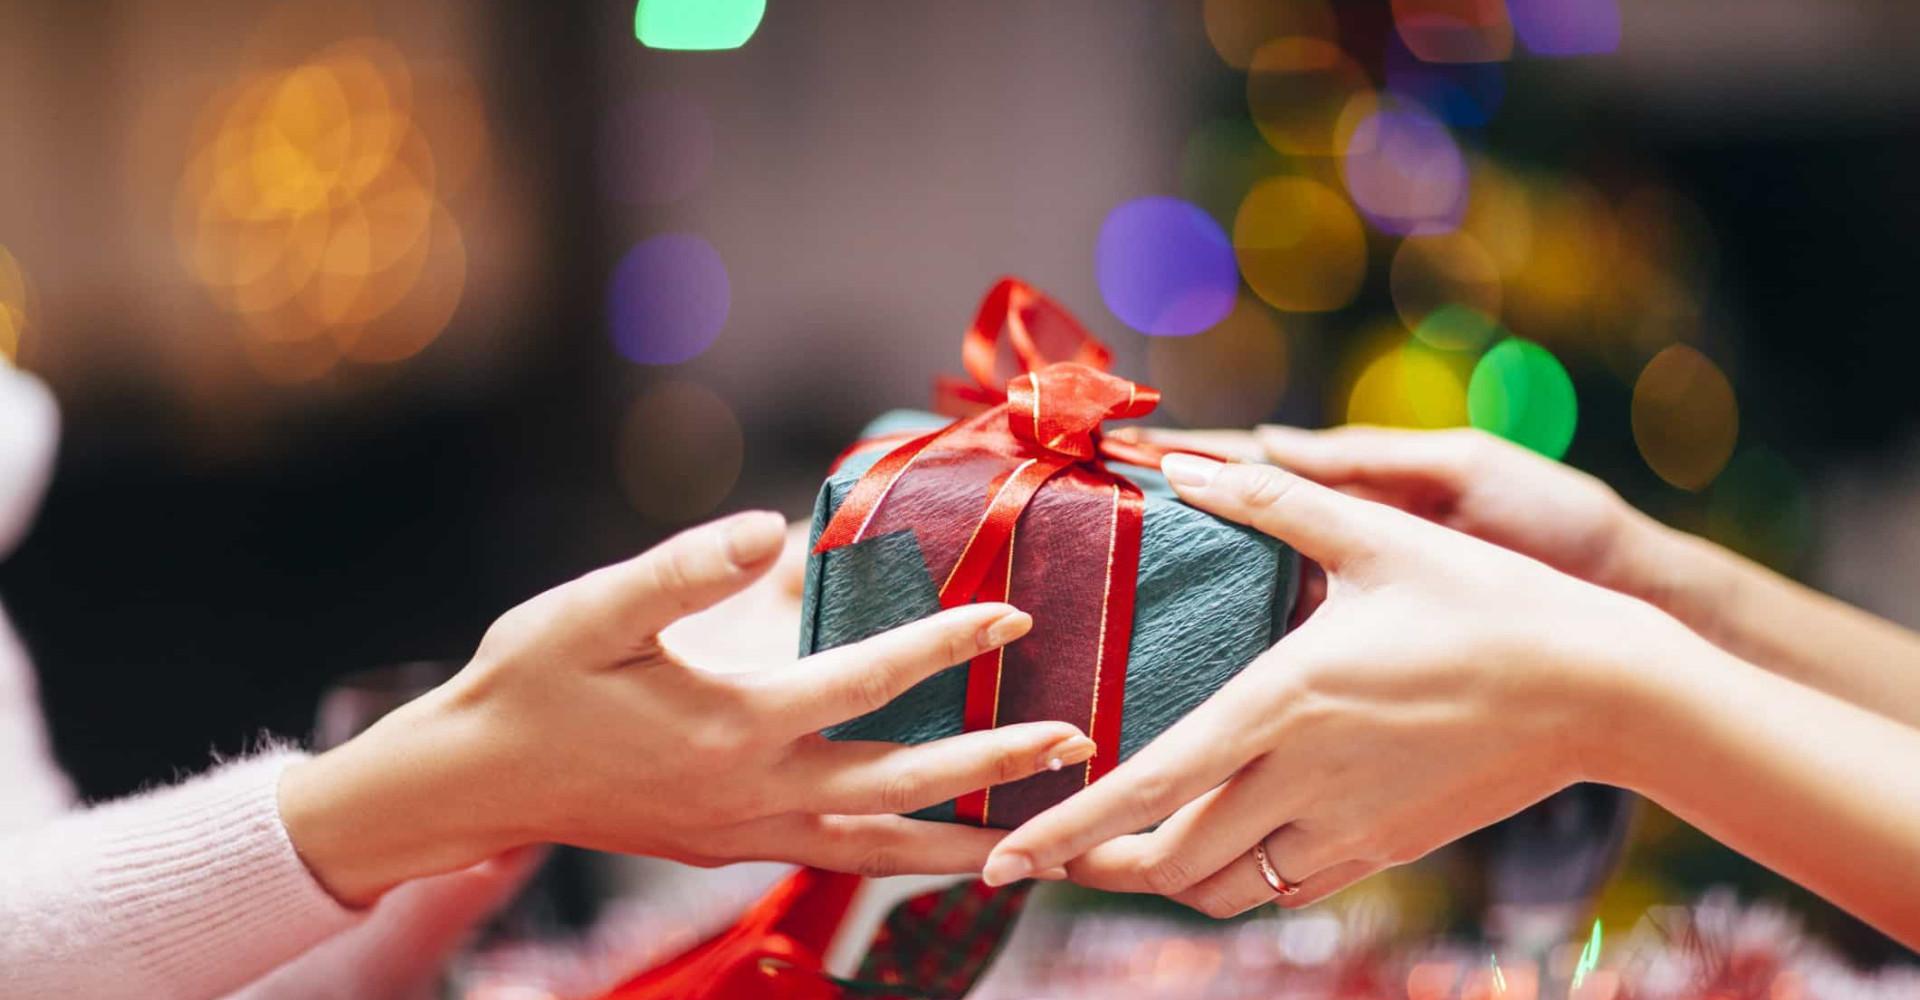 Regali Di Natale Per Colleghi.Come Stupire I Tuoi Colleghi Con I Regali Di Natale